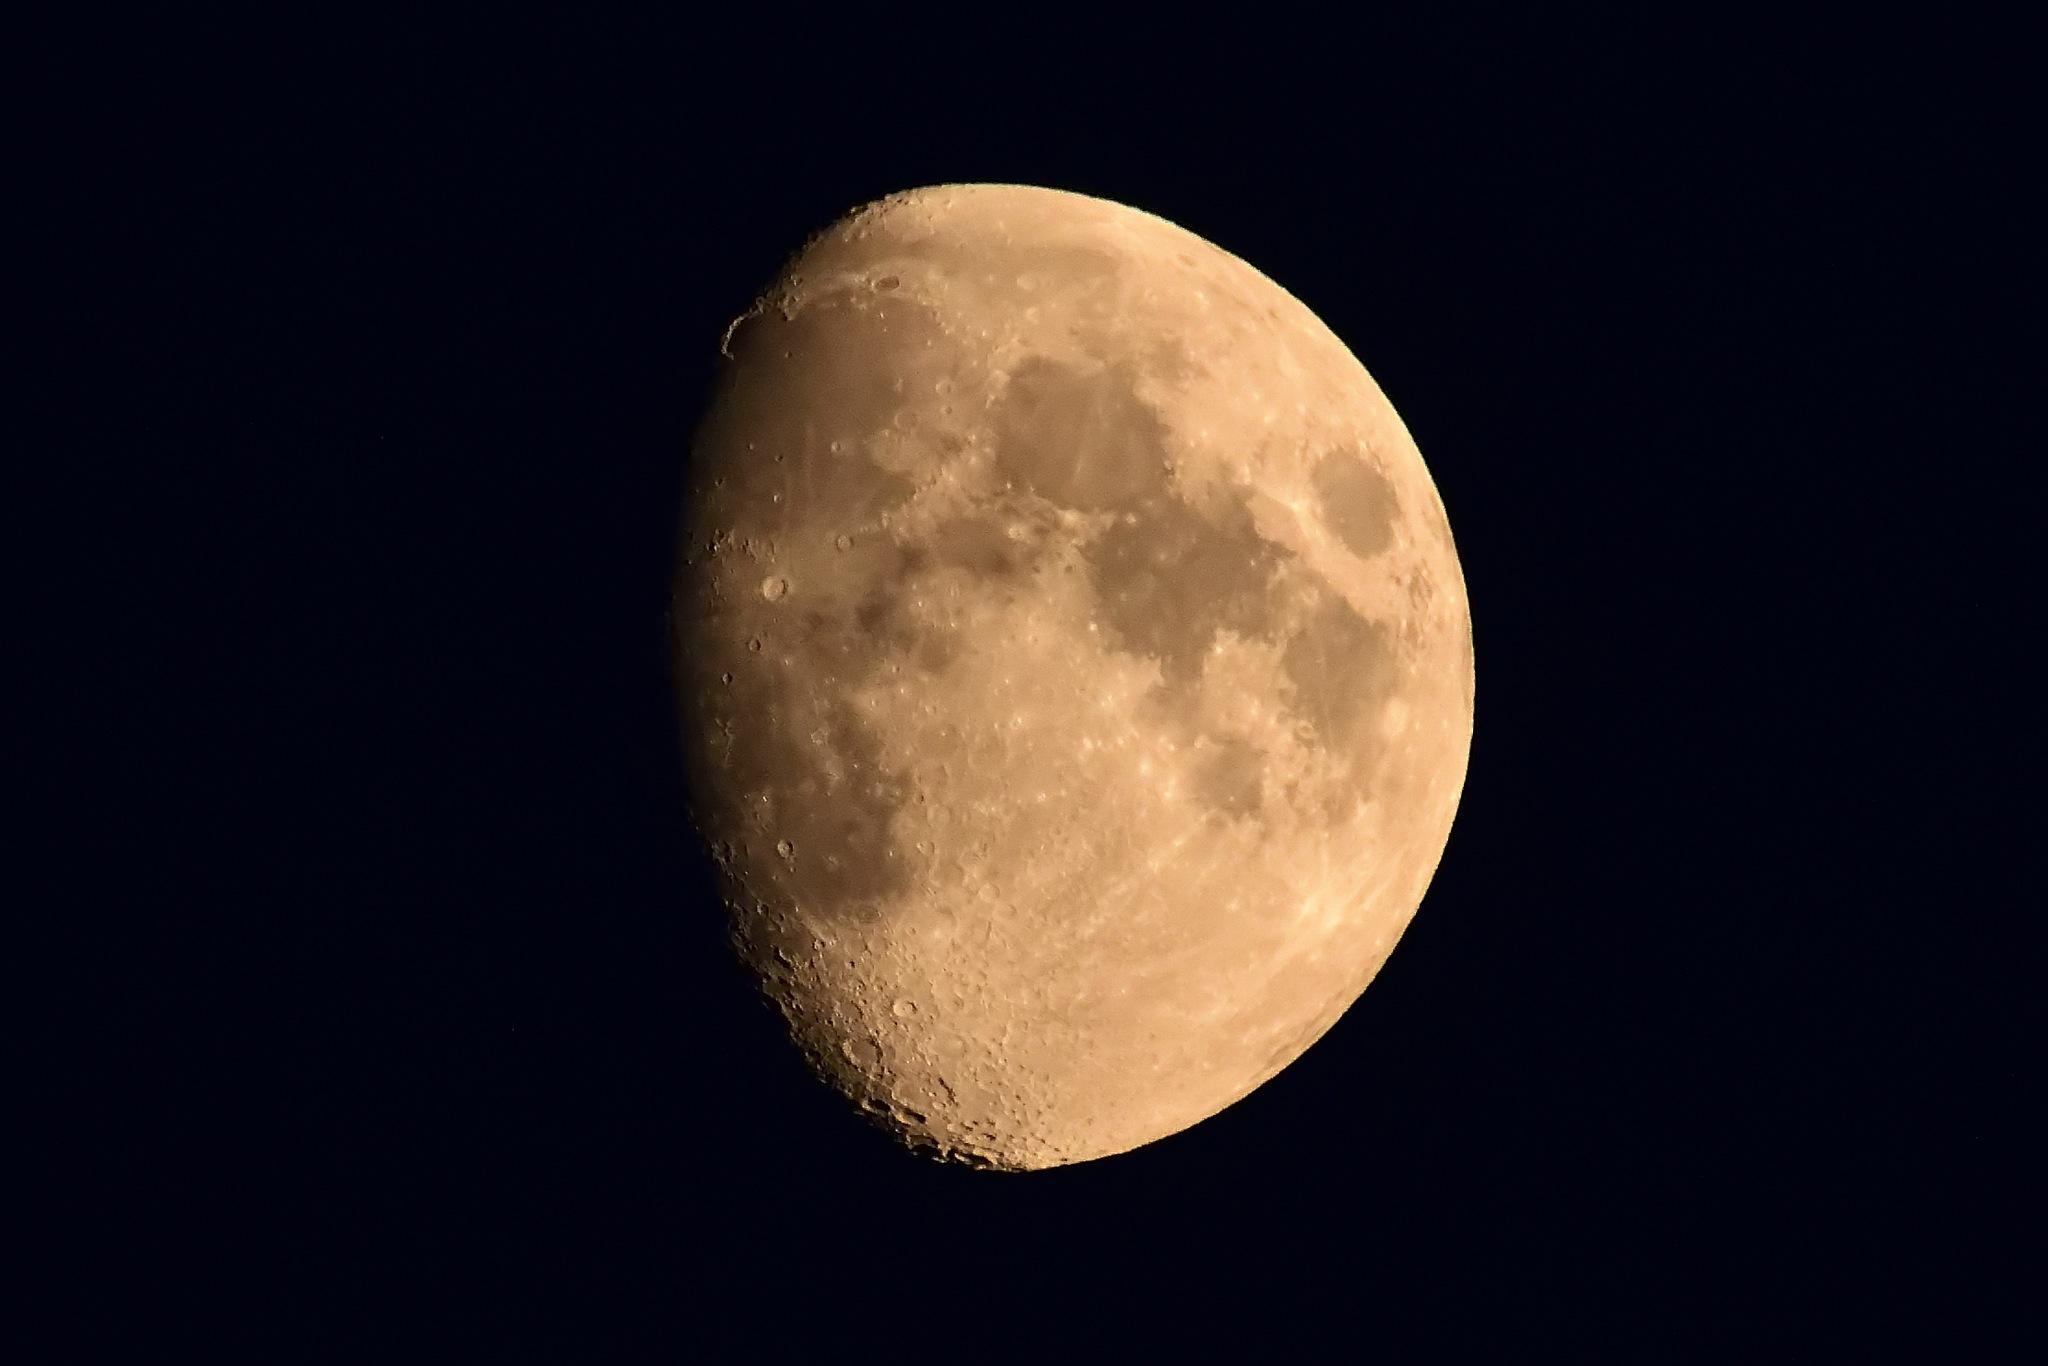 The moon by Bruis van Leeuwen